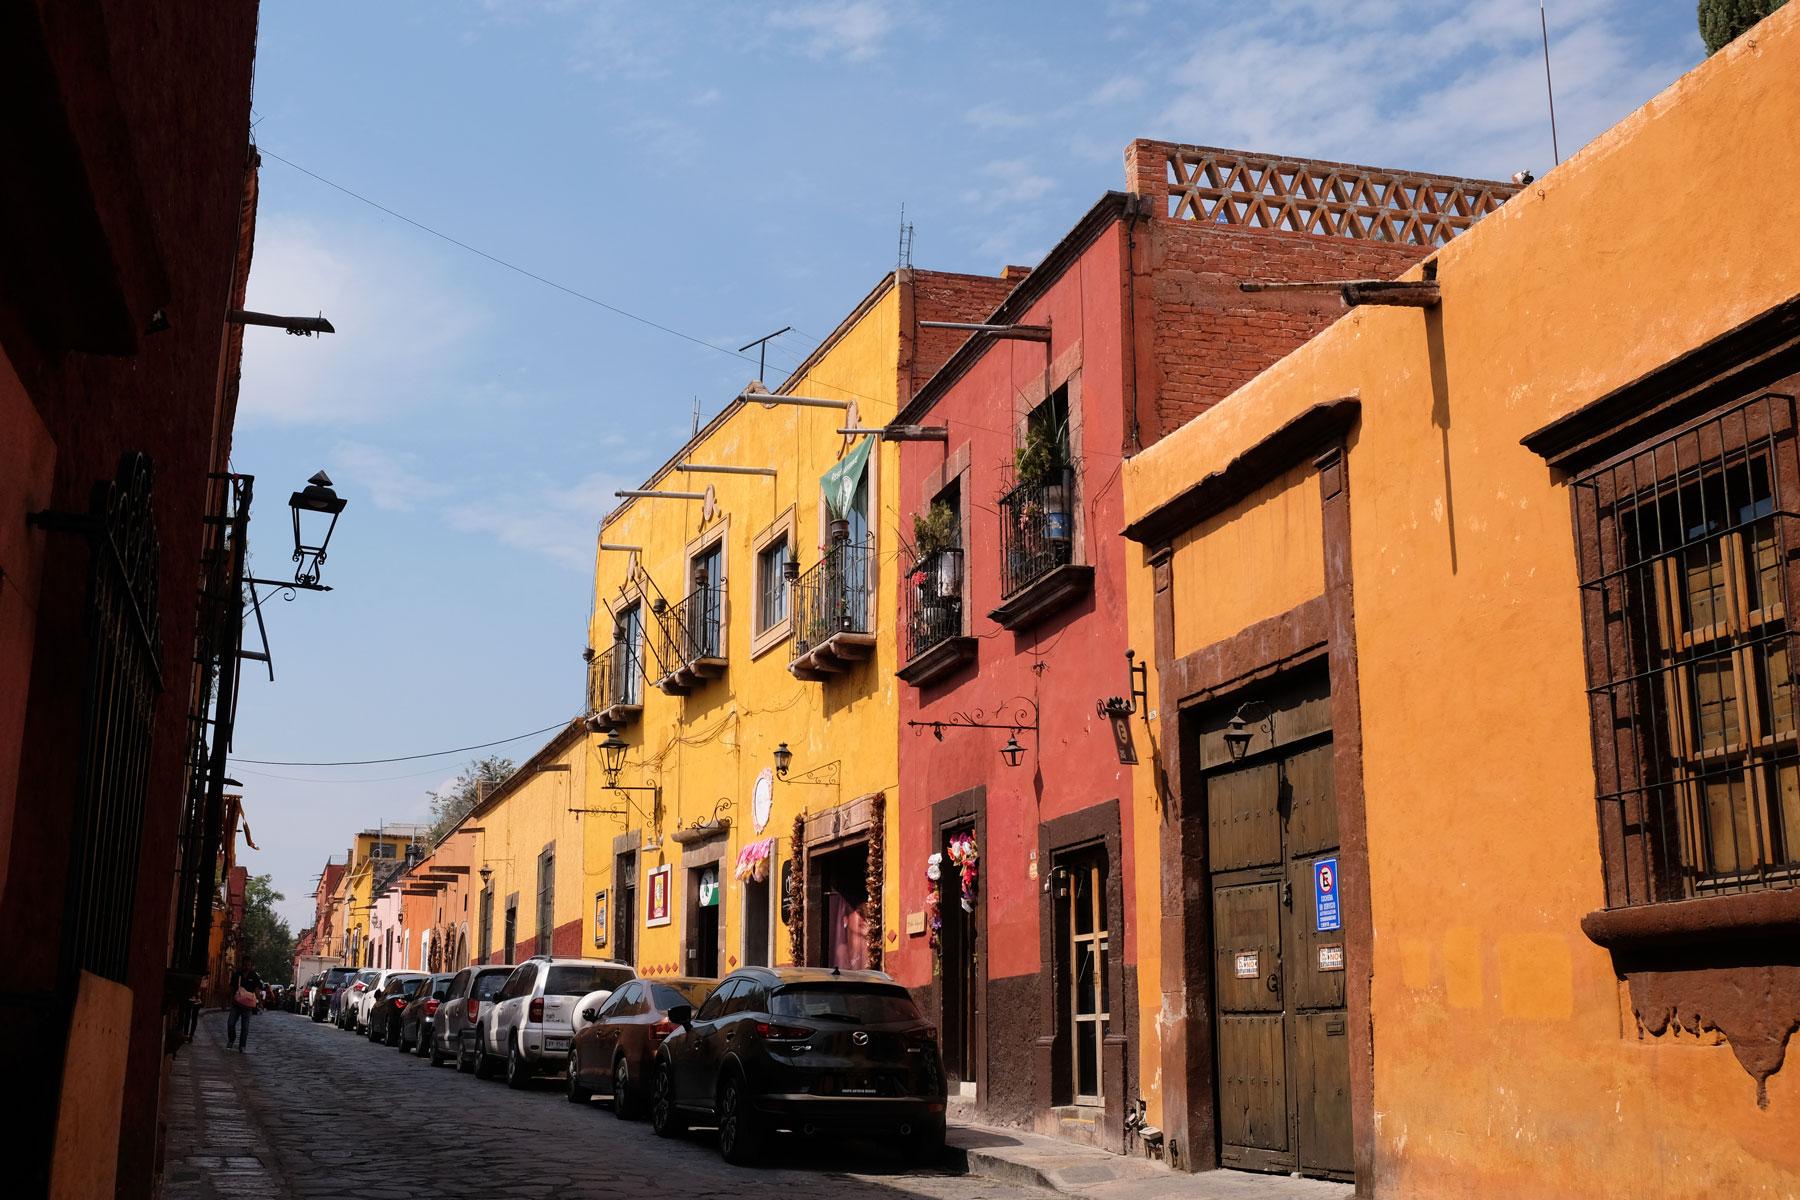 Die Straßen von San Miguel de Allende in Mexiko sind geprägt von roten und ockerfarbenen Häusern.